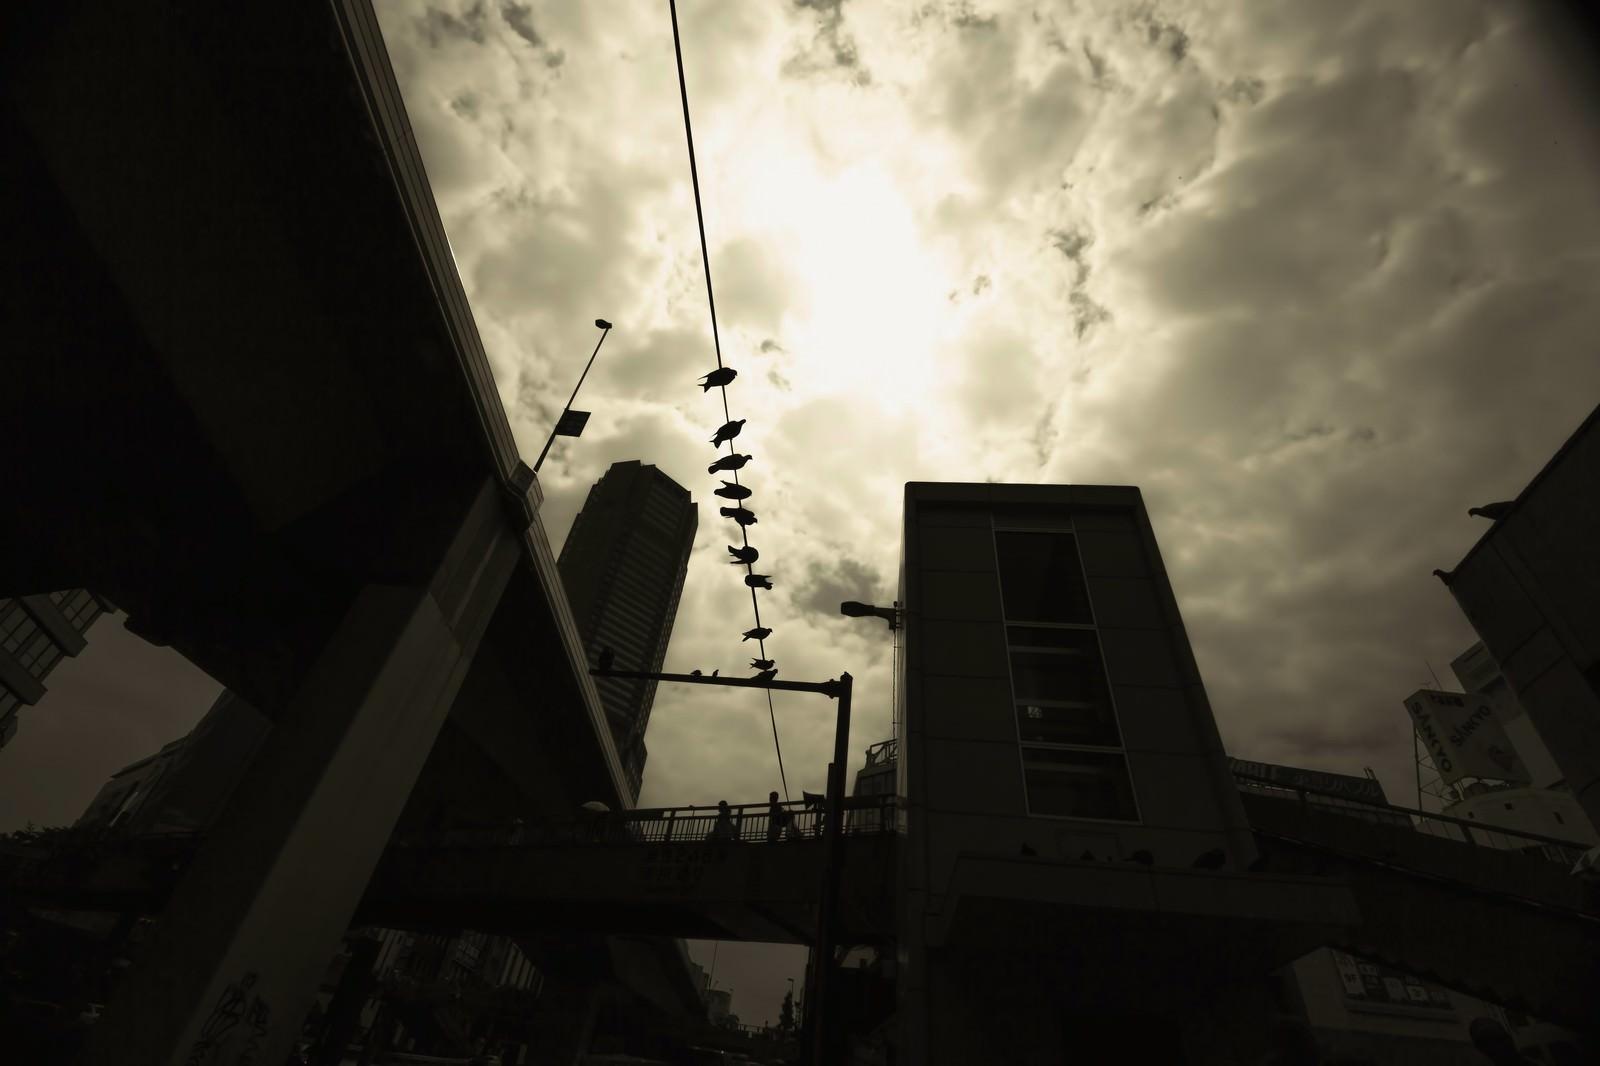 「電線の上の鳩達」の写真